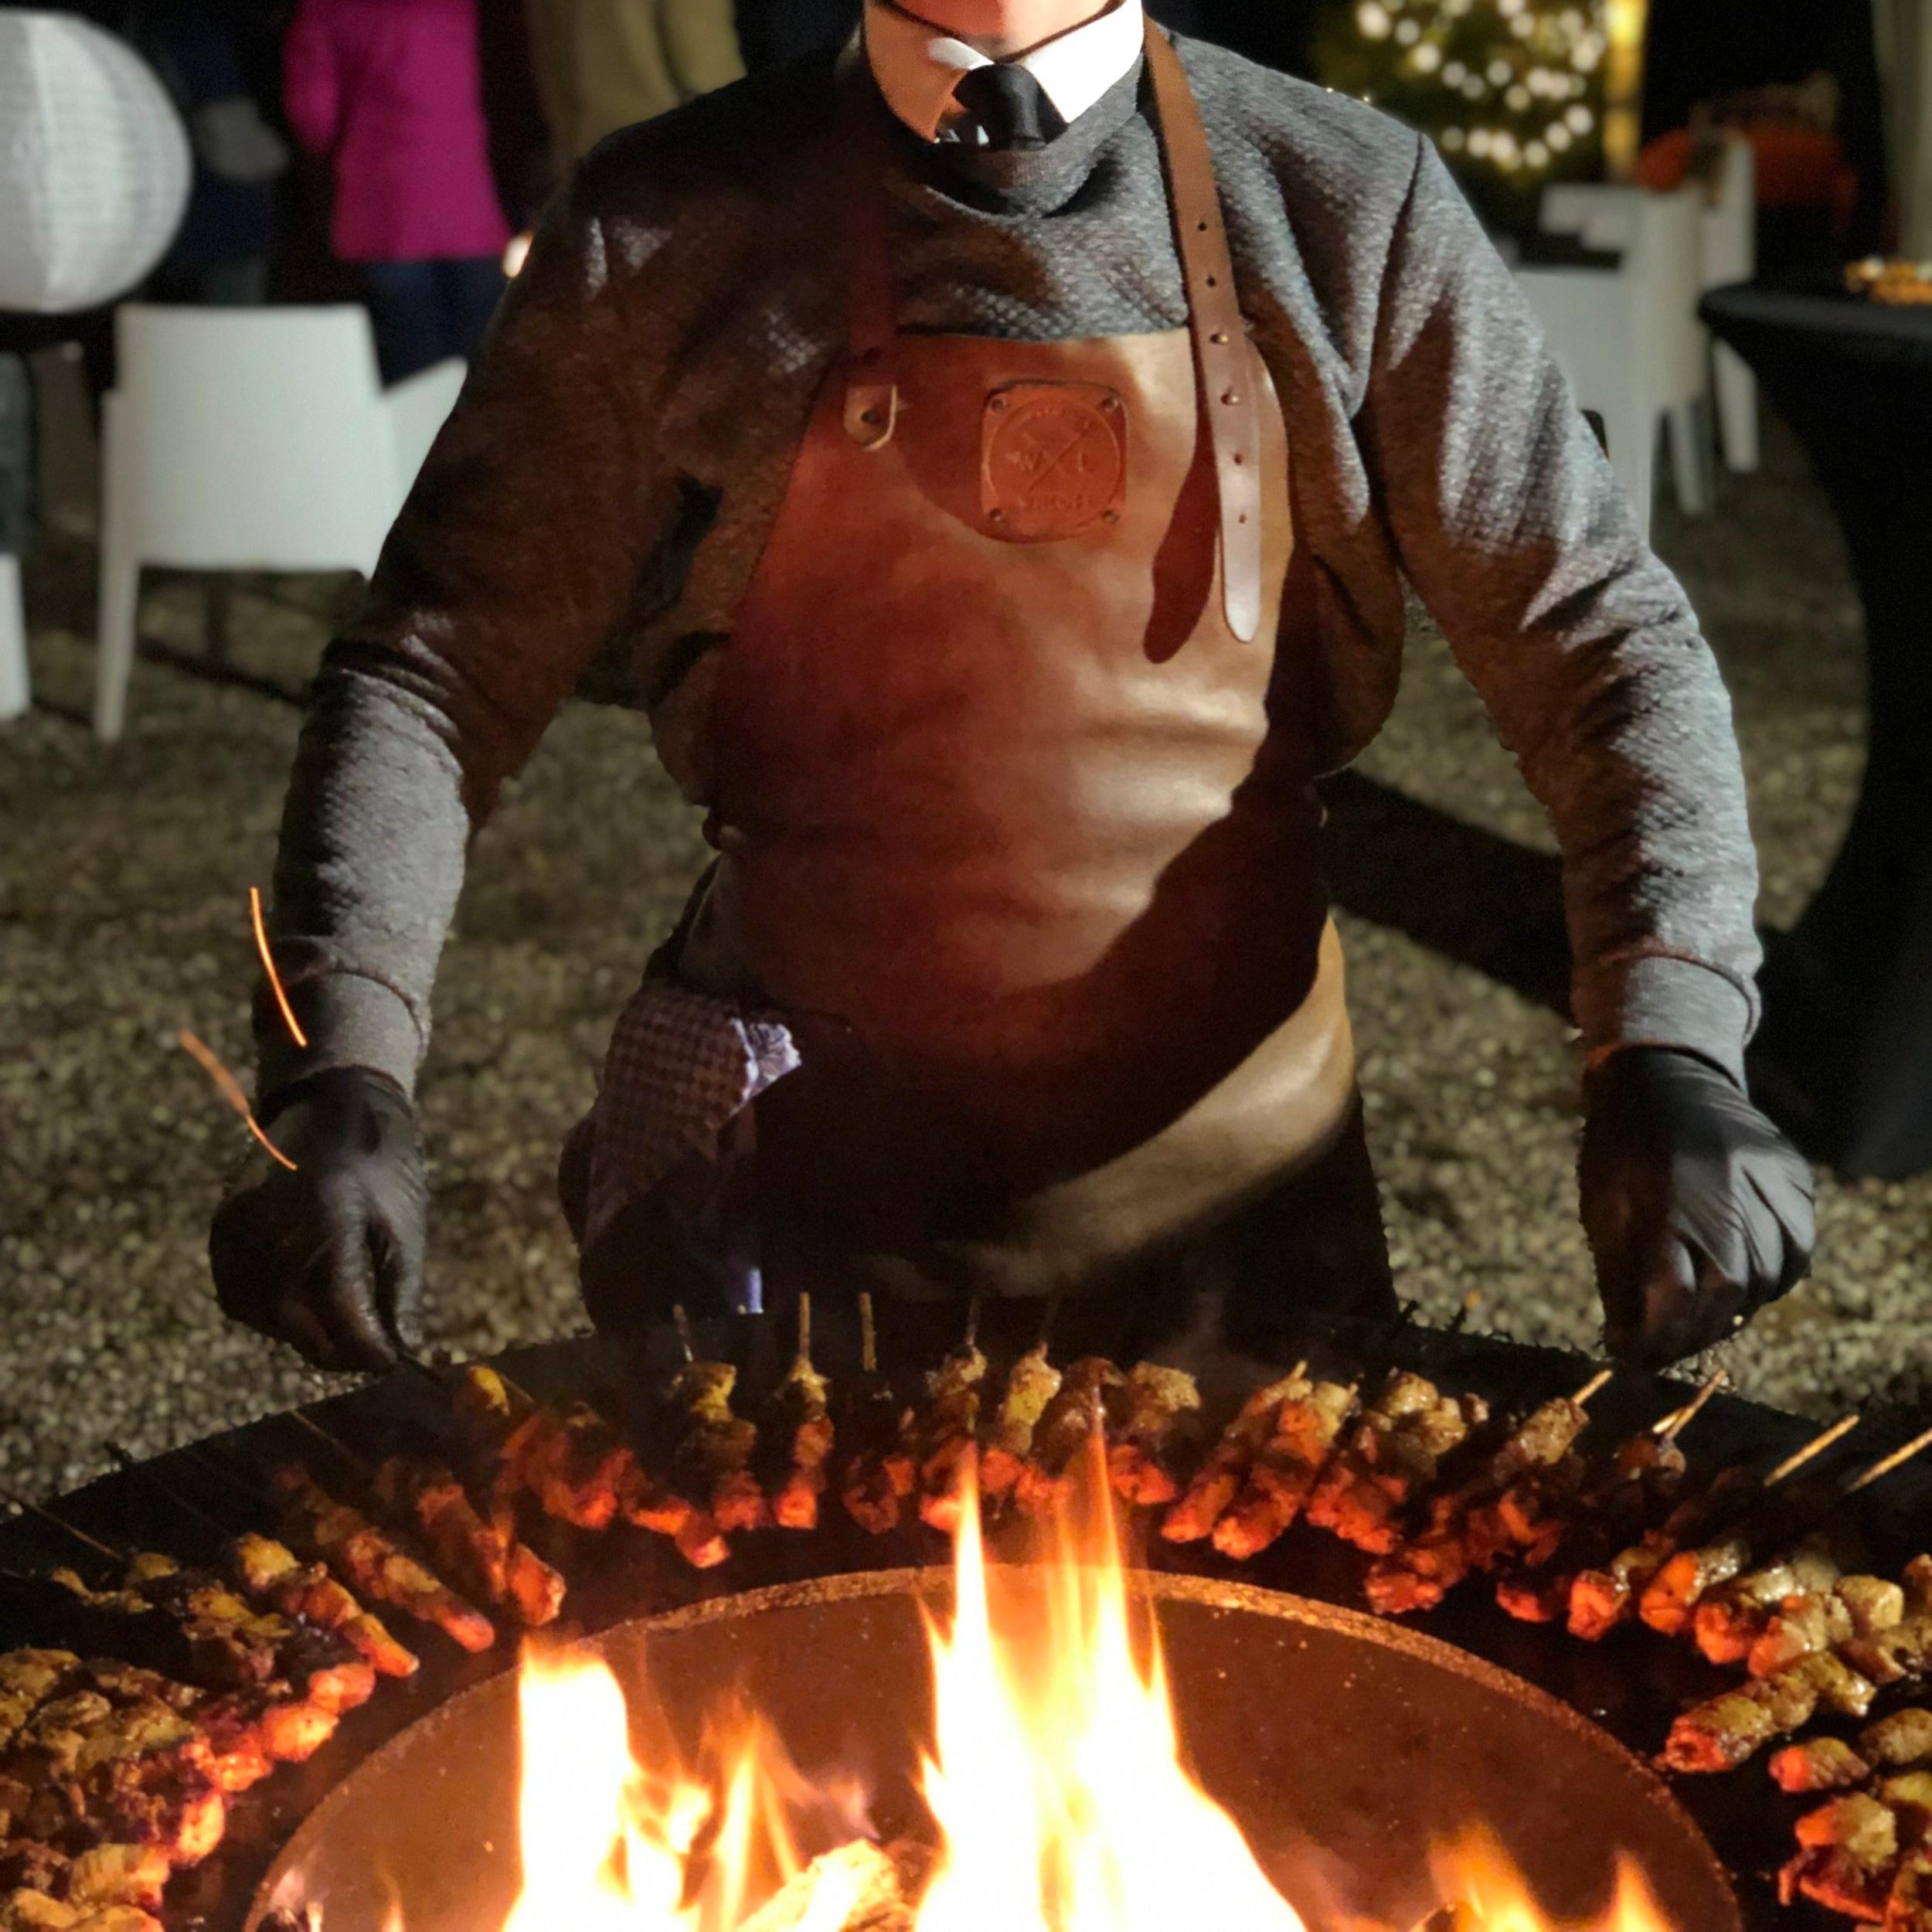 Wij organiseren de beste winterbarbecue's. Saté, burgers, spareribs en de lekkerste salades bereidt door een echte grillmaster in de KOPA houtskooloven of Black Bastard houtskoolbarbecue.